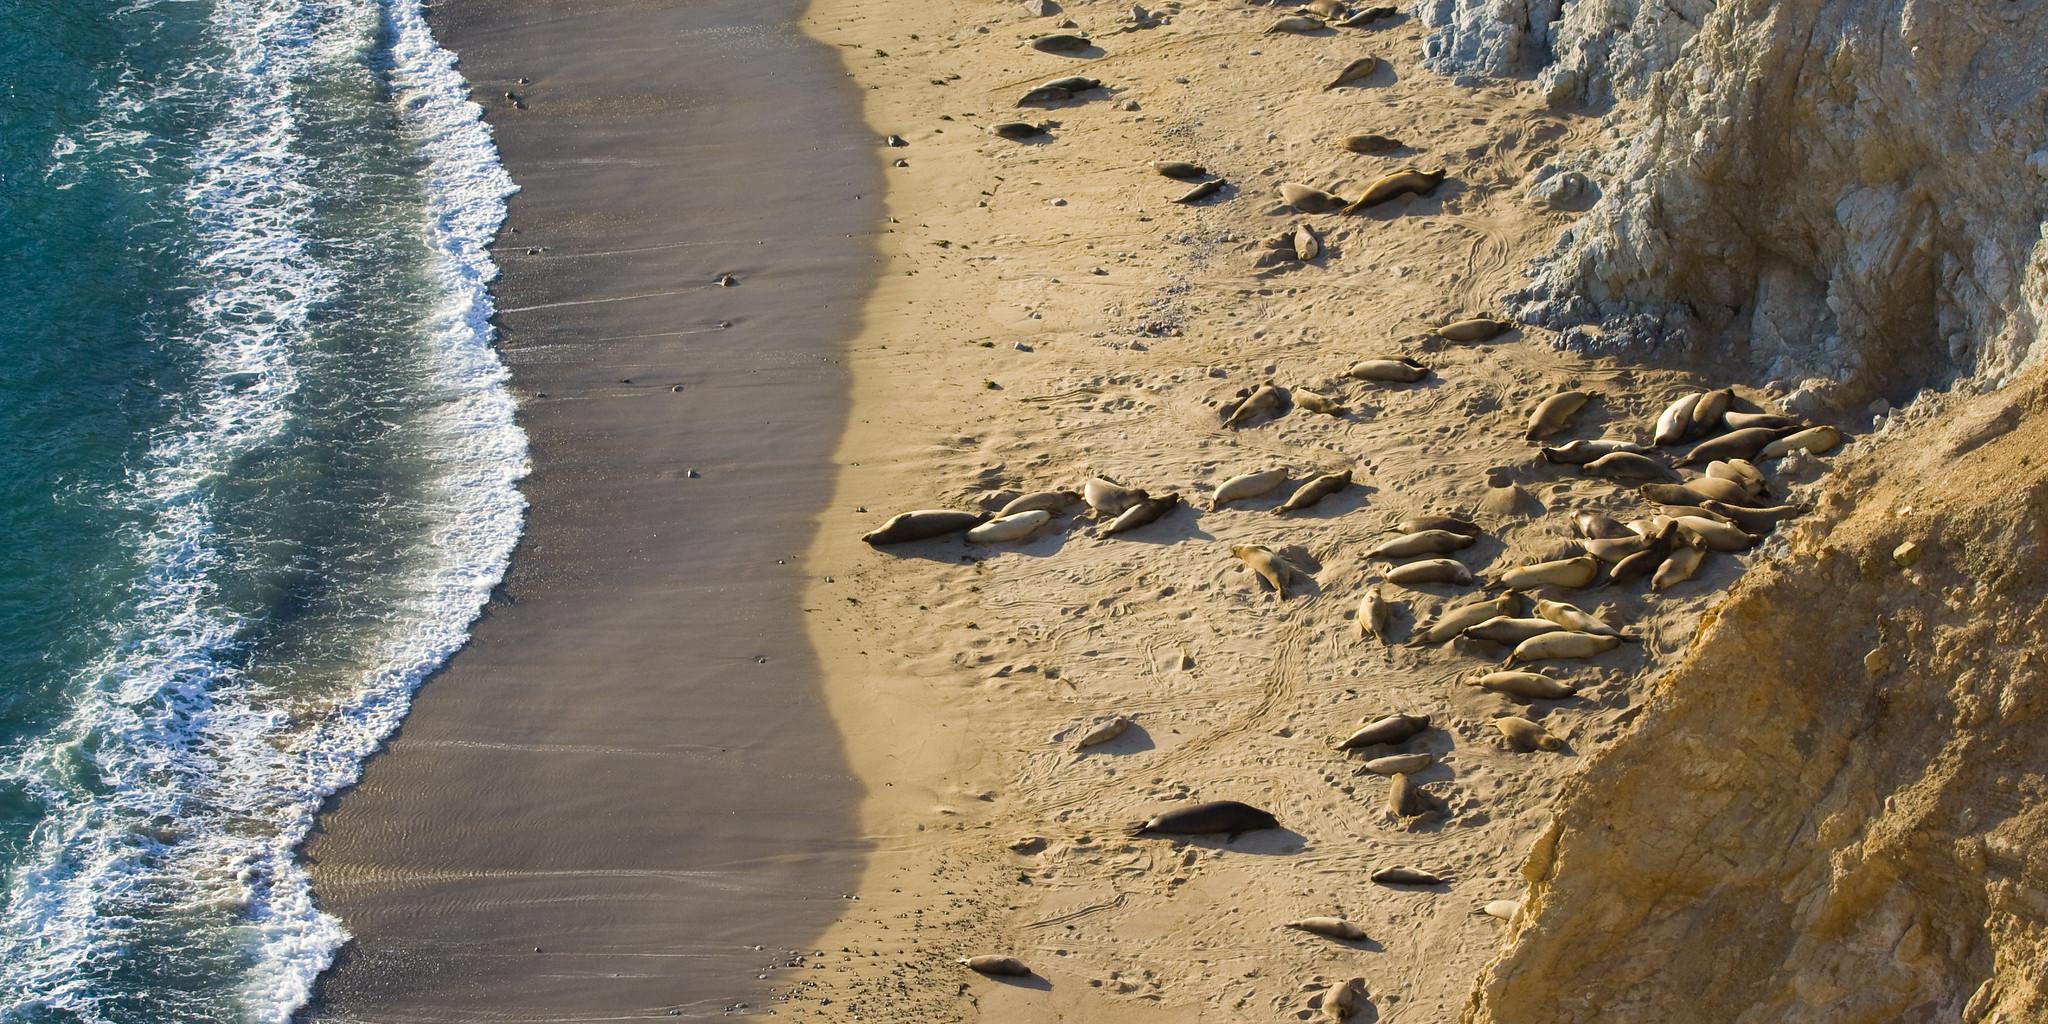 איש לא יודע מה יהיה בשנה הבאה. פילי ים בחוף פוינט רייס | צילום: Ken-ichi Ueda, Flickr